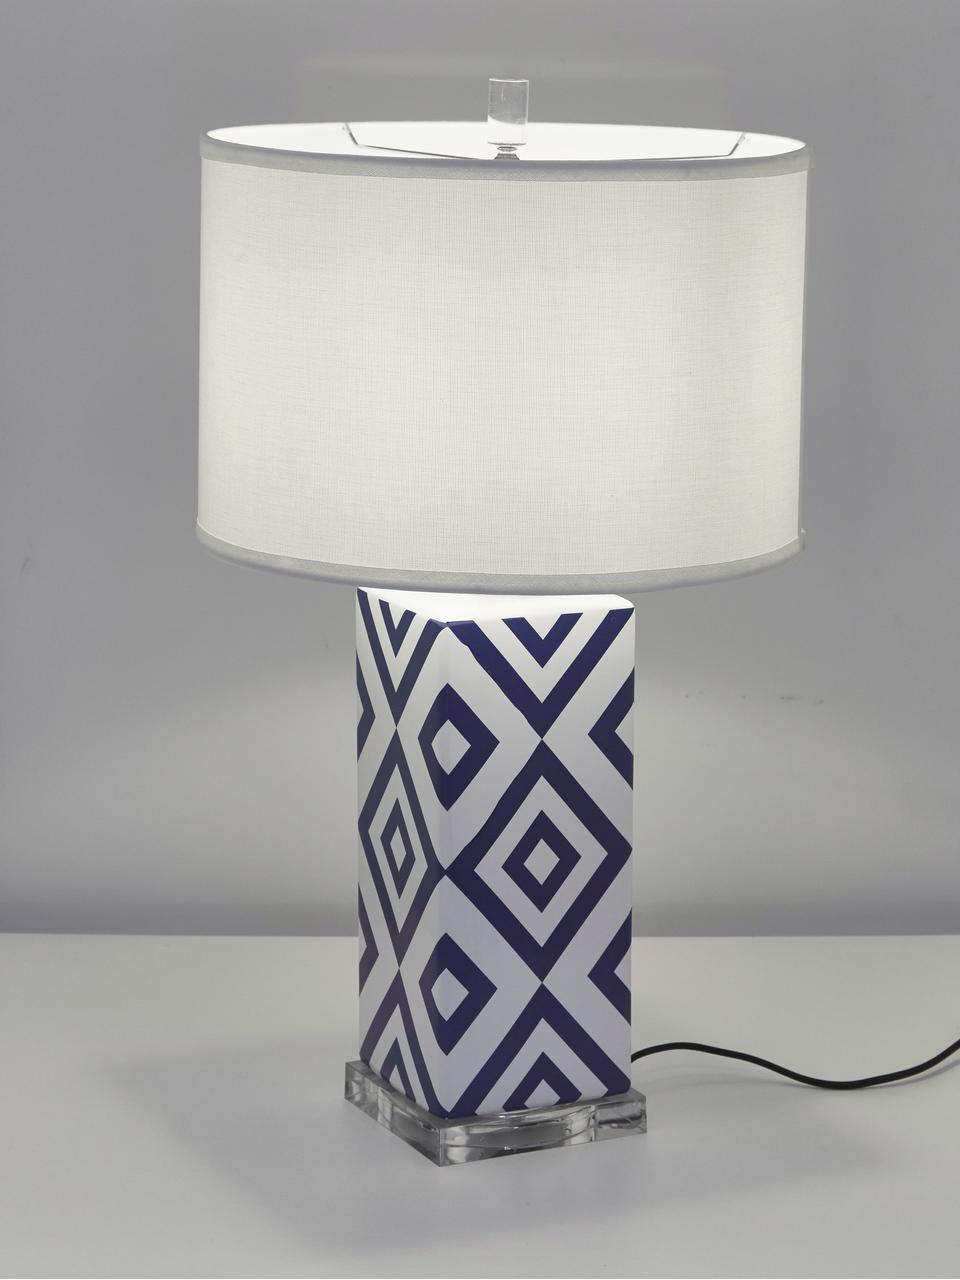 Große Tischlampen Patricia, 2 Stück, Lampenschirm: Textil, Lampenfuß: Keramik, Acryl, Blau, Weiß, Ø 38 x H 69 cm